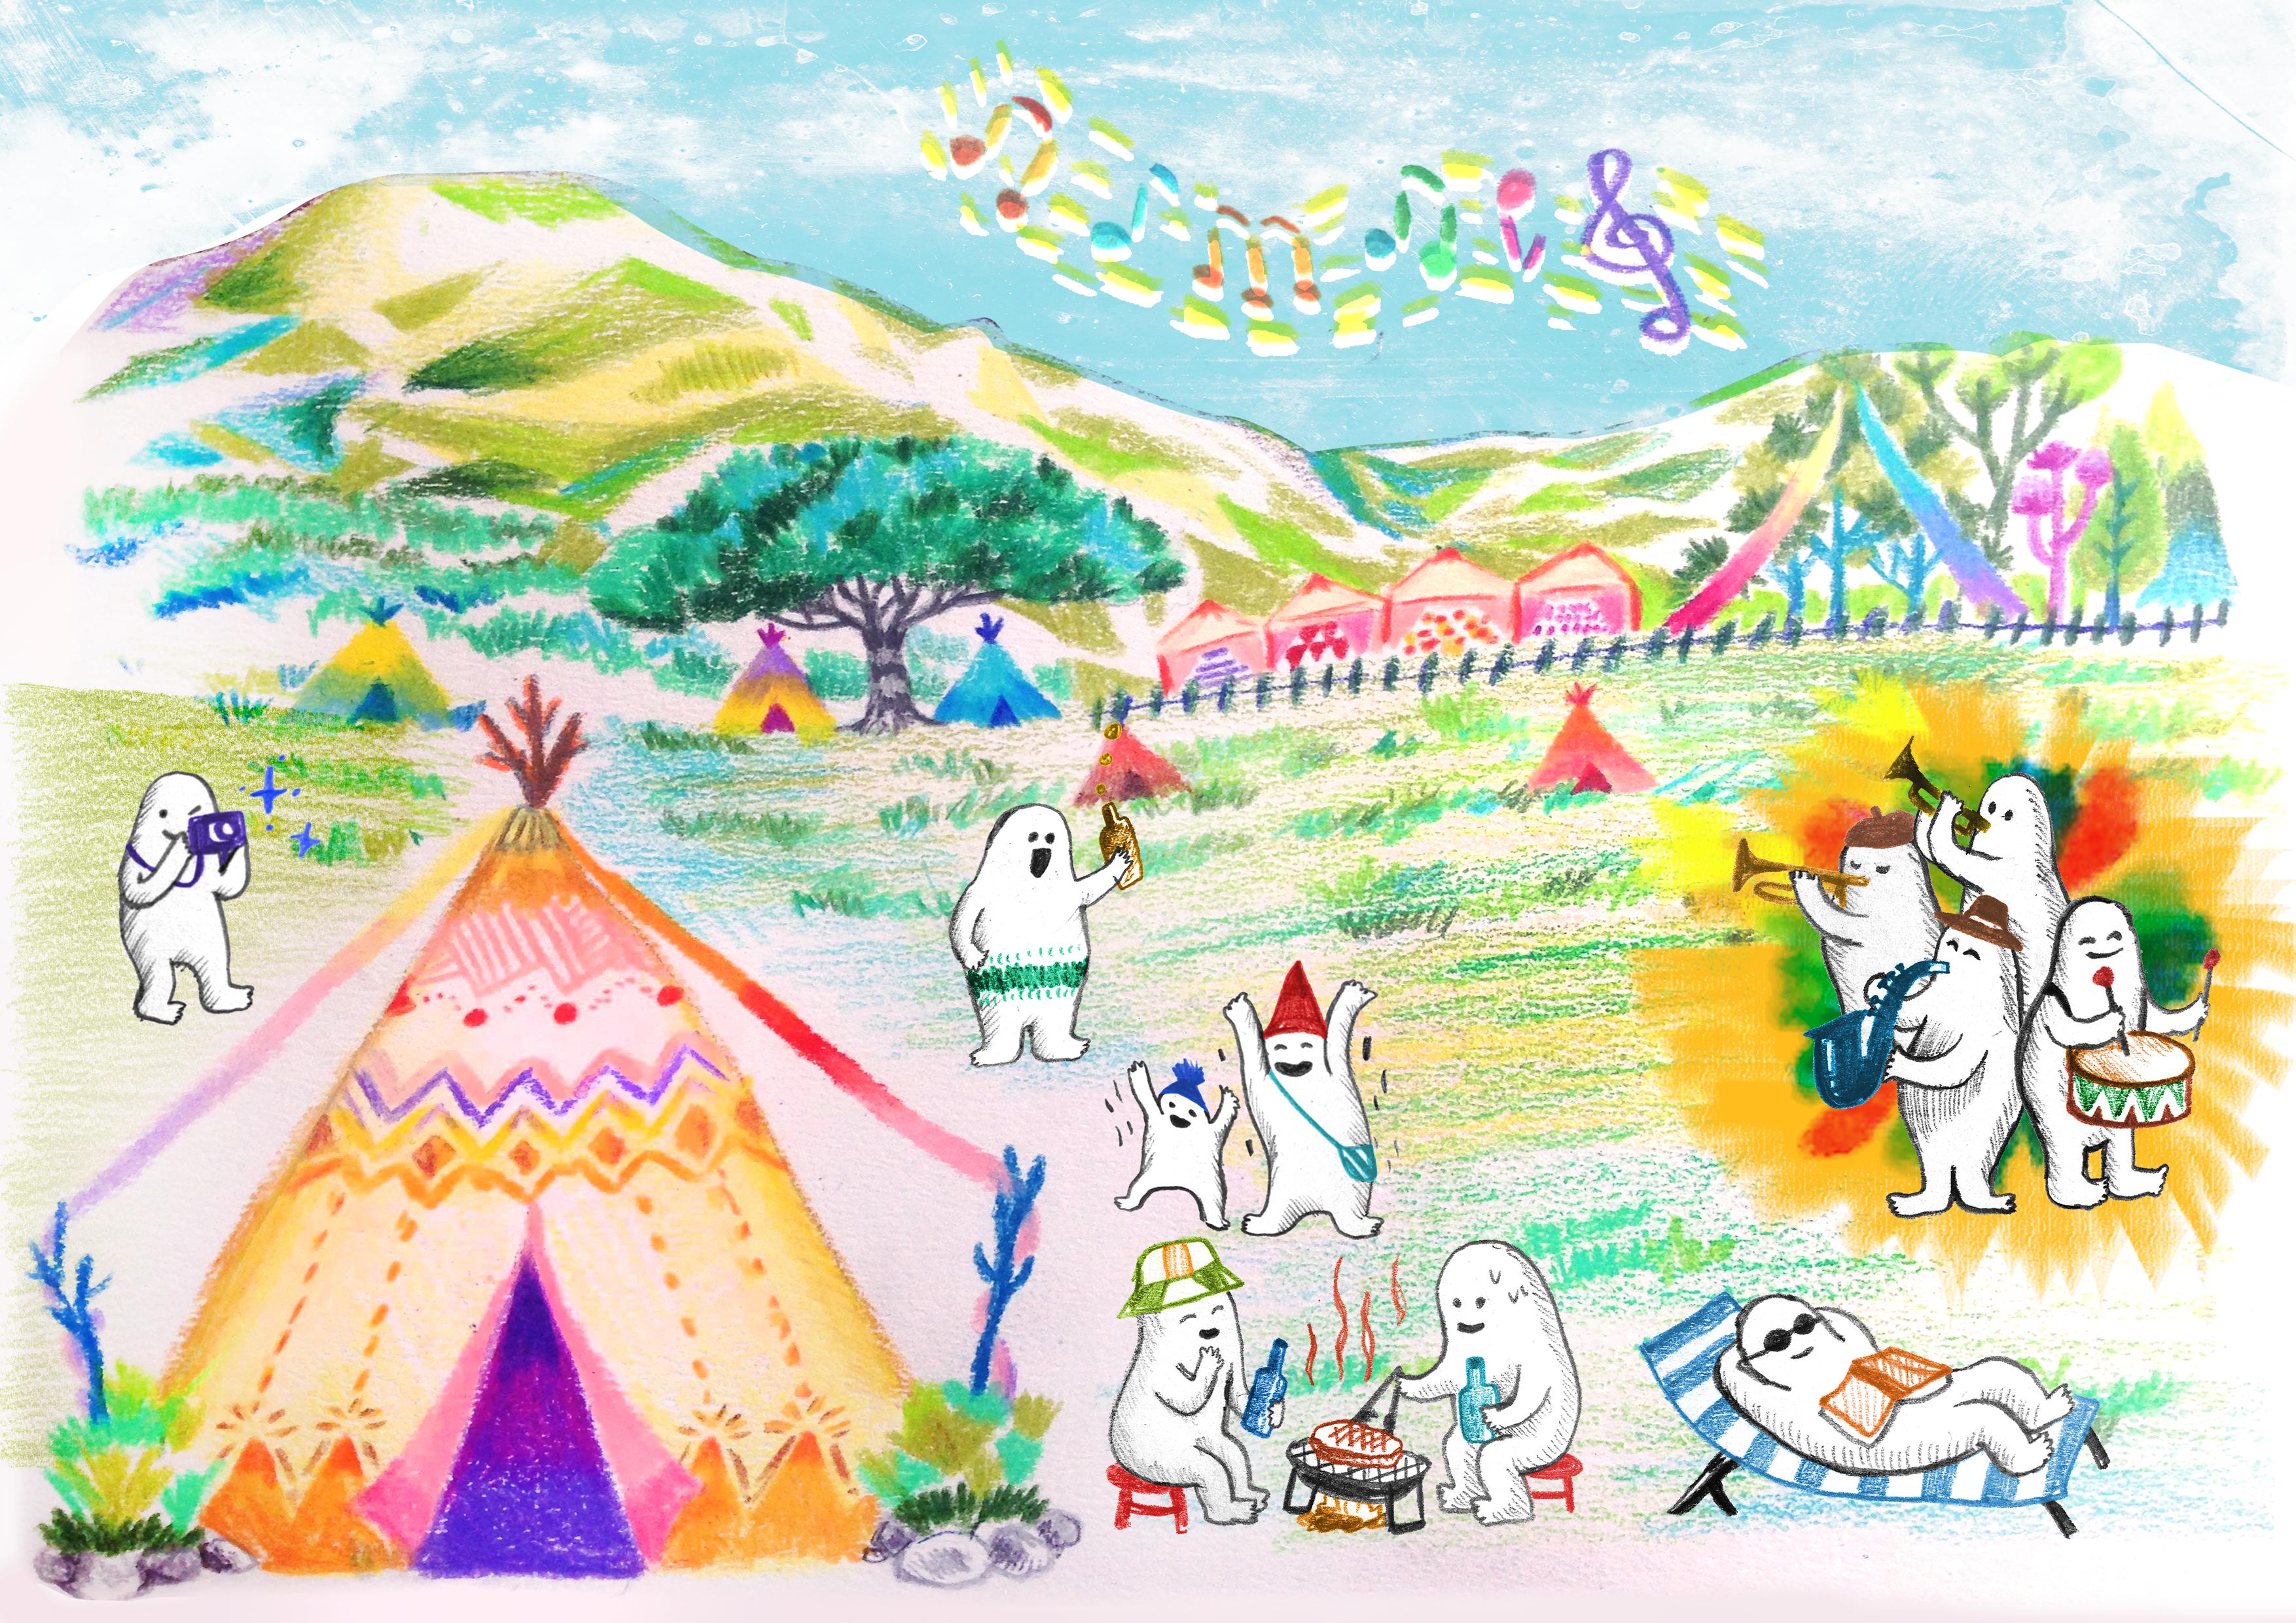 Camp de Amigo